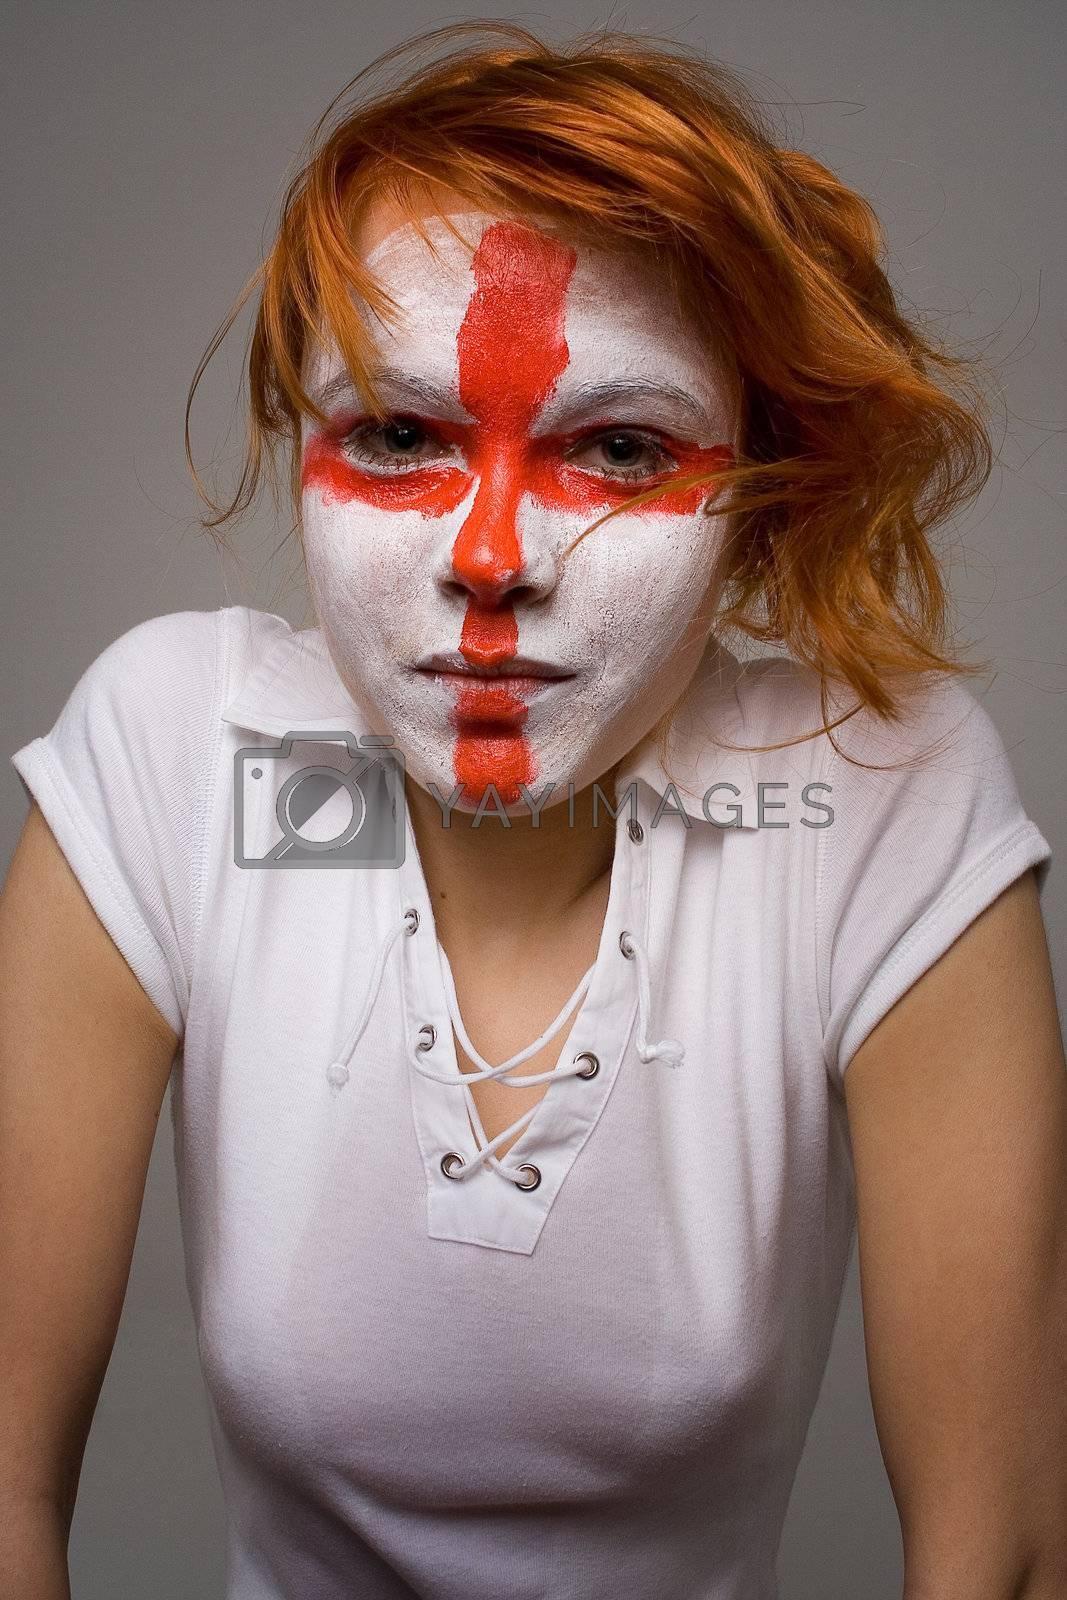 English football makeup girl